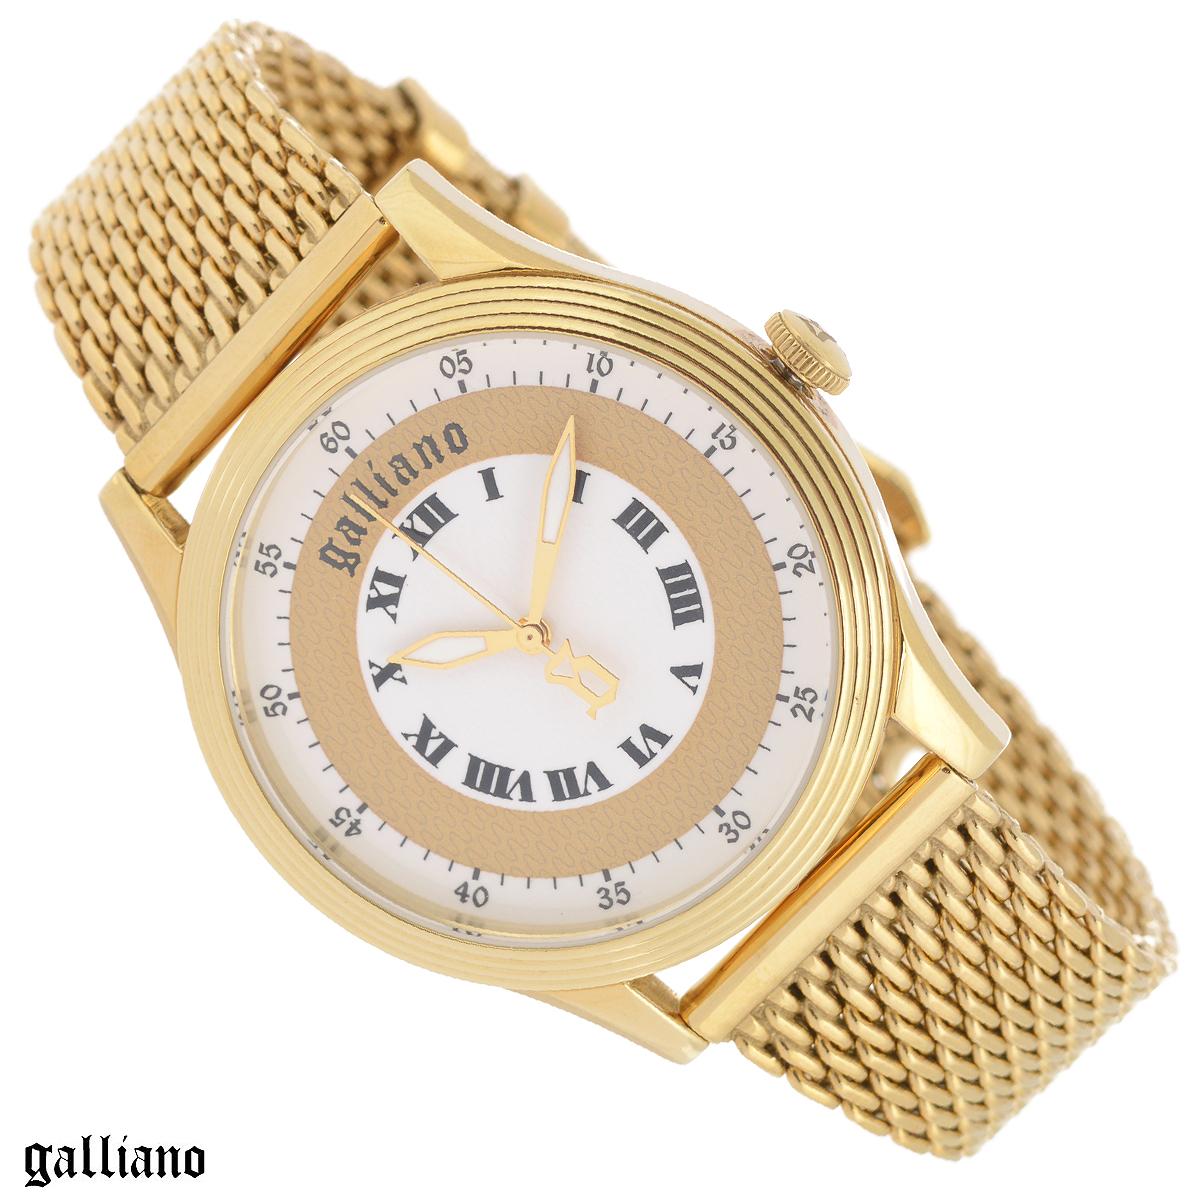 Часы женские наручные Galliano, цвет: золотой. R2553104501R2553104501Наручные женские часы Galliano оснащены кварцевым механизмом. Корпус выполнен из высококачественной нержавеющей стали с PVD-покрытием. Гильошированный циферблат с римскими цифрами защищен минеральным стеклом. Часы имеют три стрелки - часовую, минутную и секундную. Браслет часов миланского плетния выполнен из нержавеющей стали с PVD-покрытием оснащен классической застежкой. Часы укомплектованы паспортом с подробной инструкцией. Часы Galliano благодаря своему великолепному дизайну и качеству исполнения станут главным акцентом вашего образа. Характеристики: Диаметр циферблата: 3,3 см. Размер корпуса: 3,8 см х 4,4 см х 0,9 см. Длина браслета (с корпусом): 22,5 см. Ширина браслета: 1,5 см.